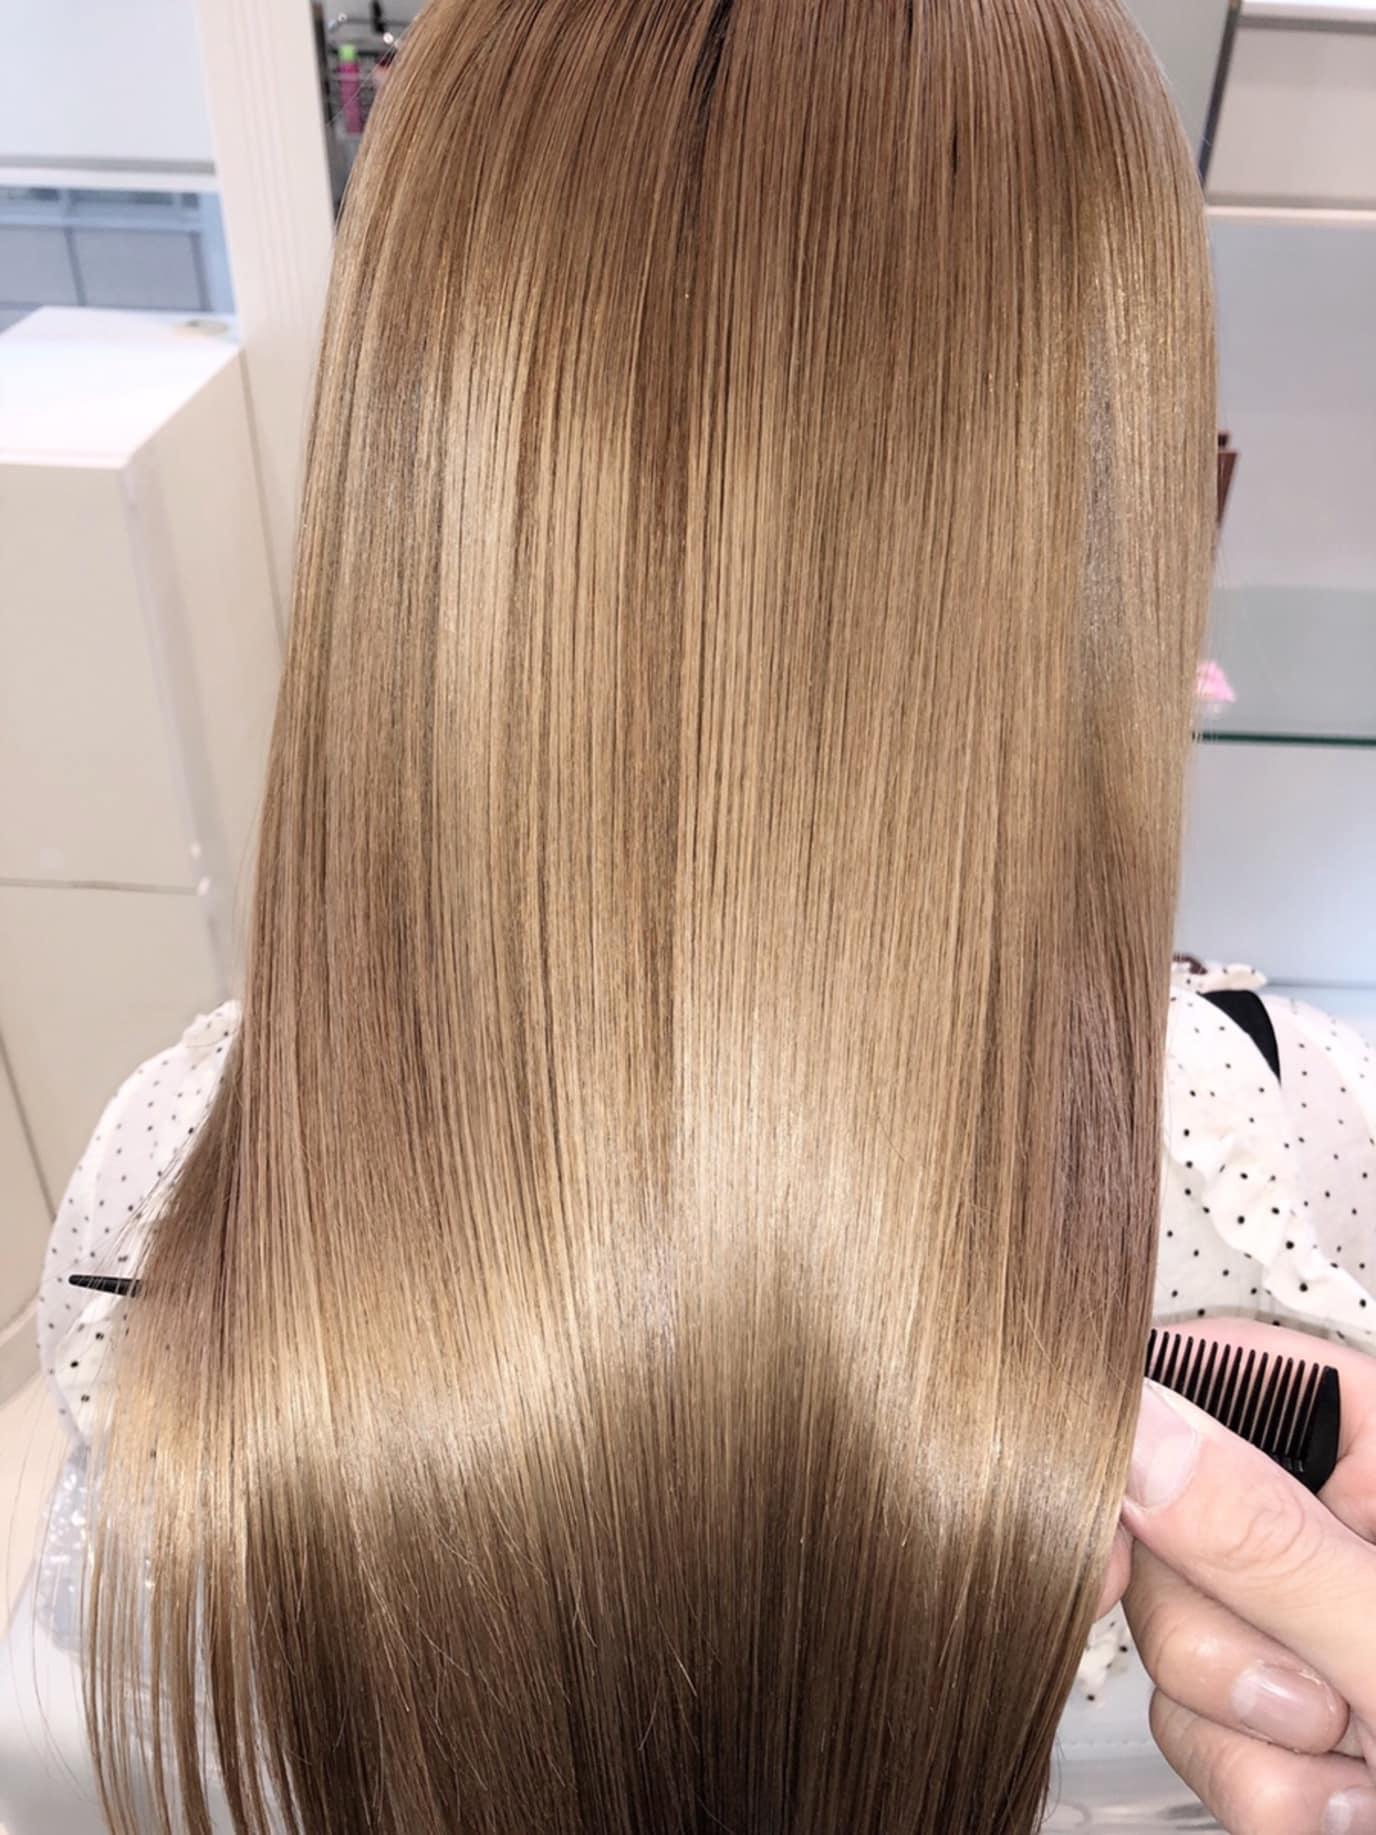 【最高峰の輝き】ブリーチ毛でも縮毛矯正できる。髪質改善縮毛矯正。